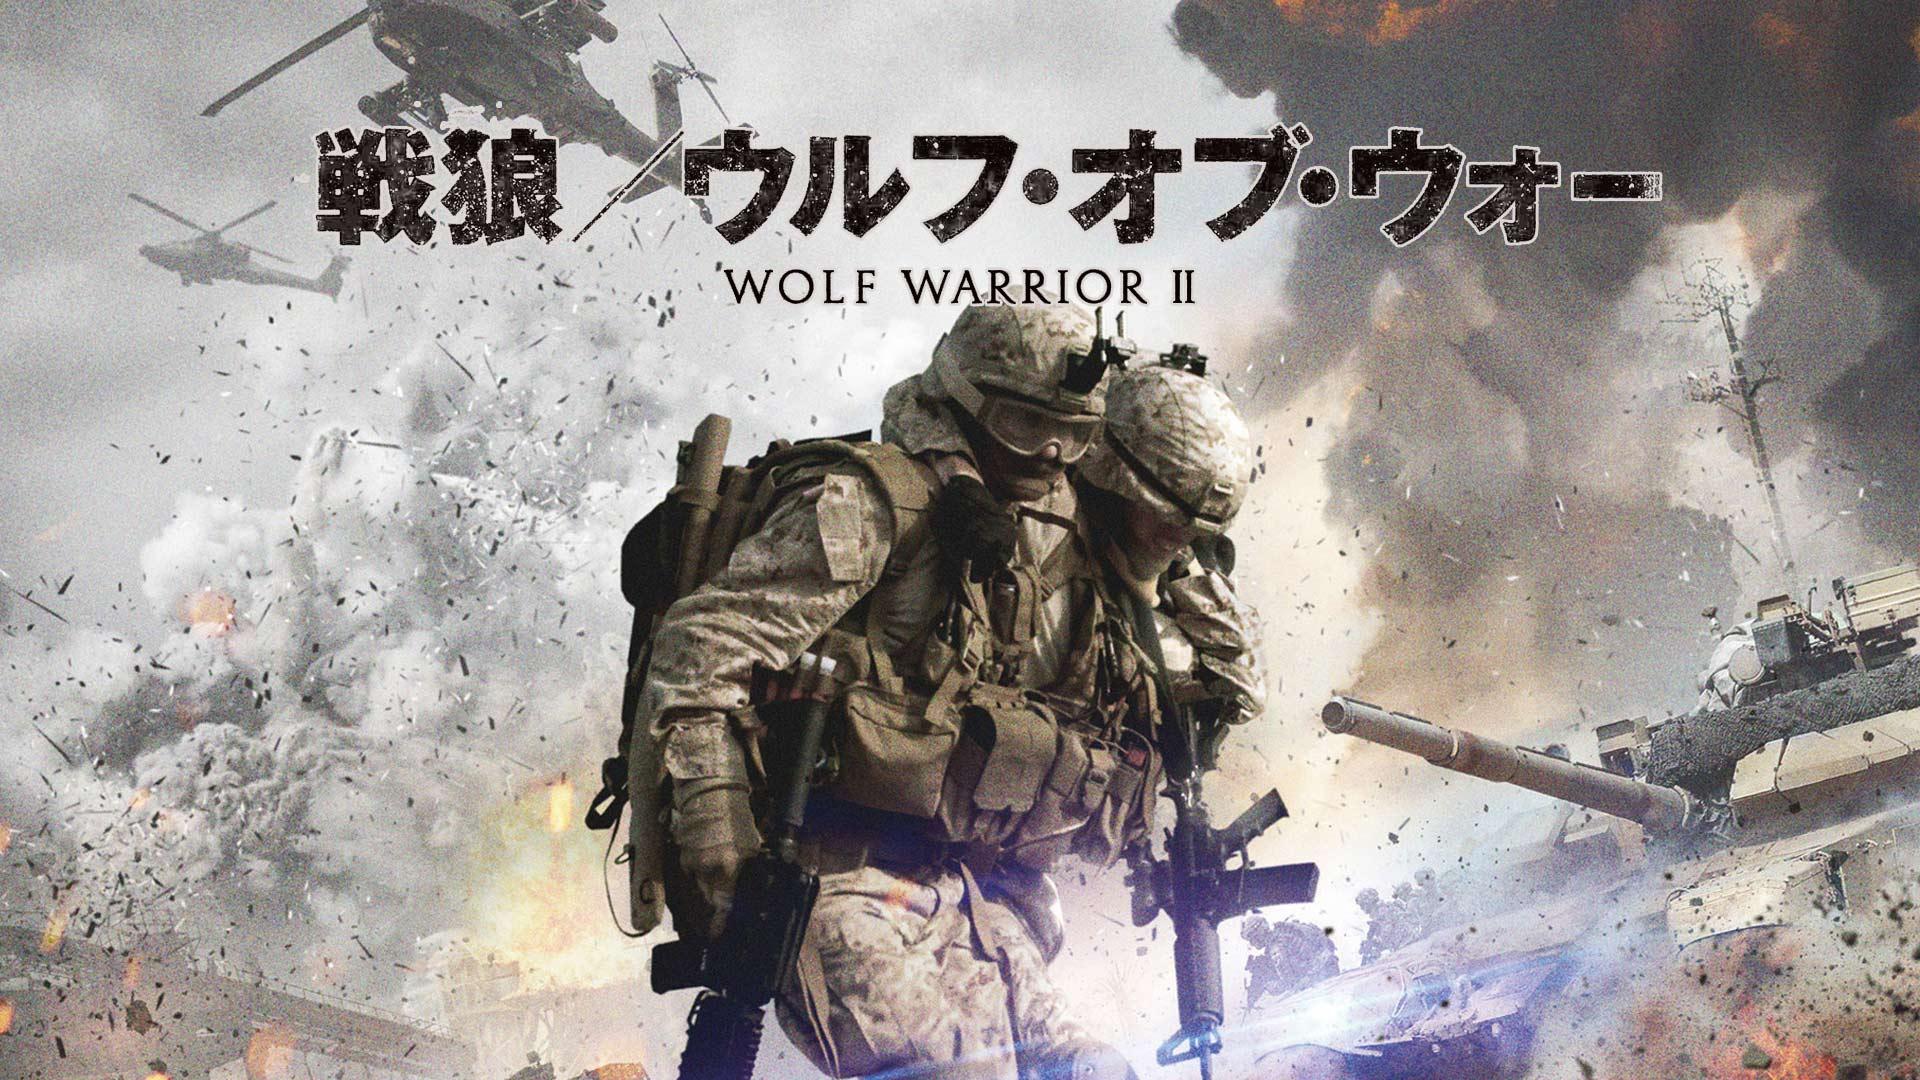 戦狼 ウルフ・オブ・ウォー(字幕版)